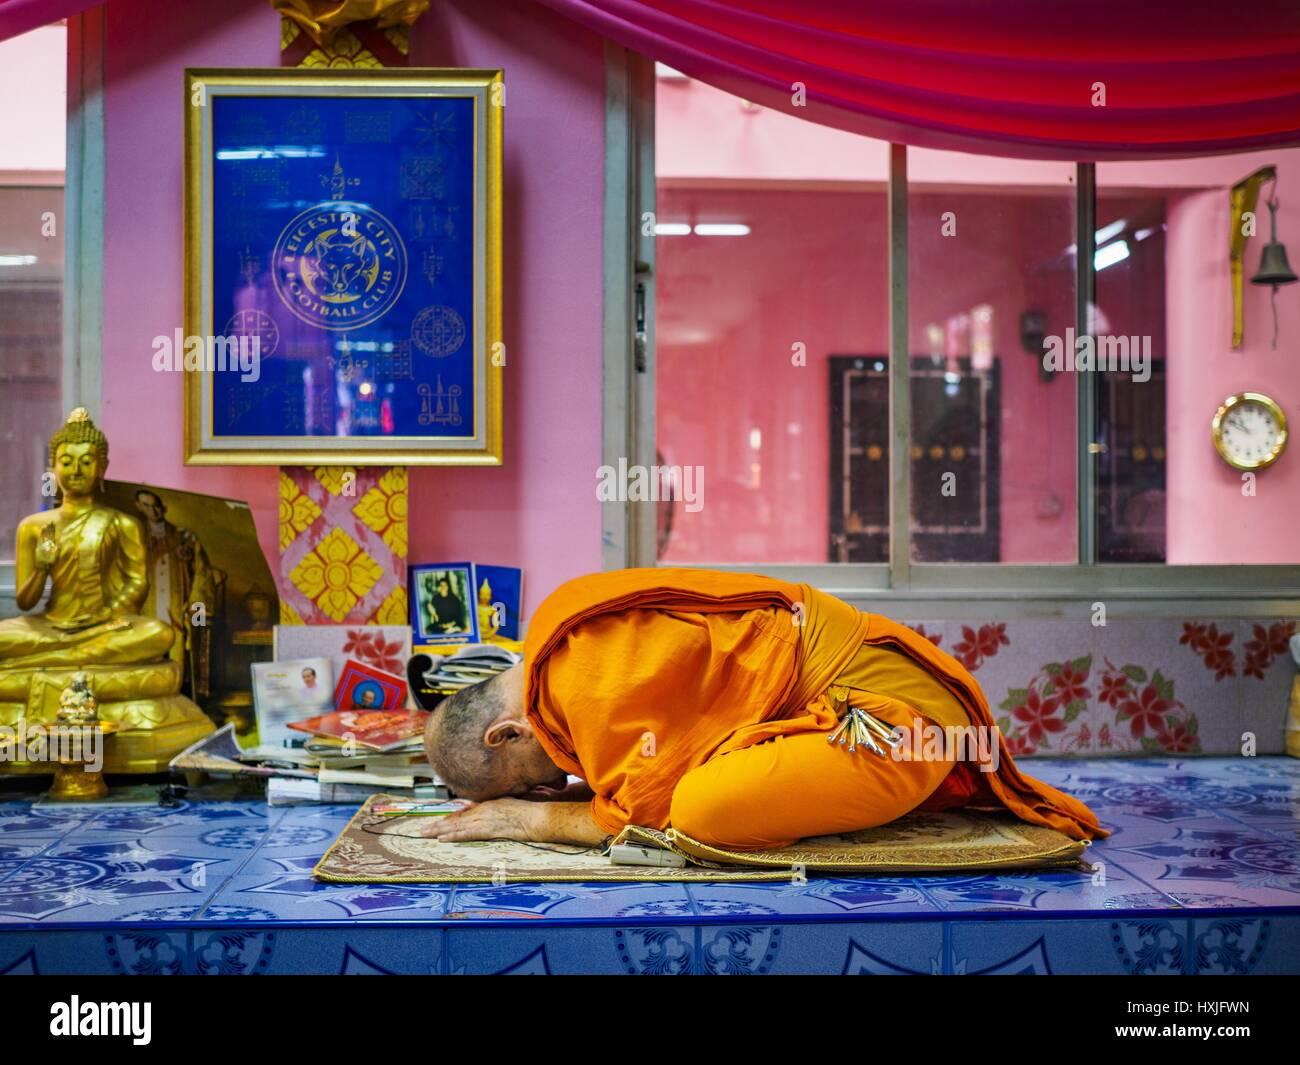 Bang Kruai, Nonthaburi, Tailandia. 29 Mar, 2017. Un monje budista lleva una oración durante un ''Resurrección Imagen De Stock